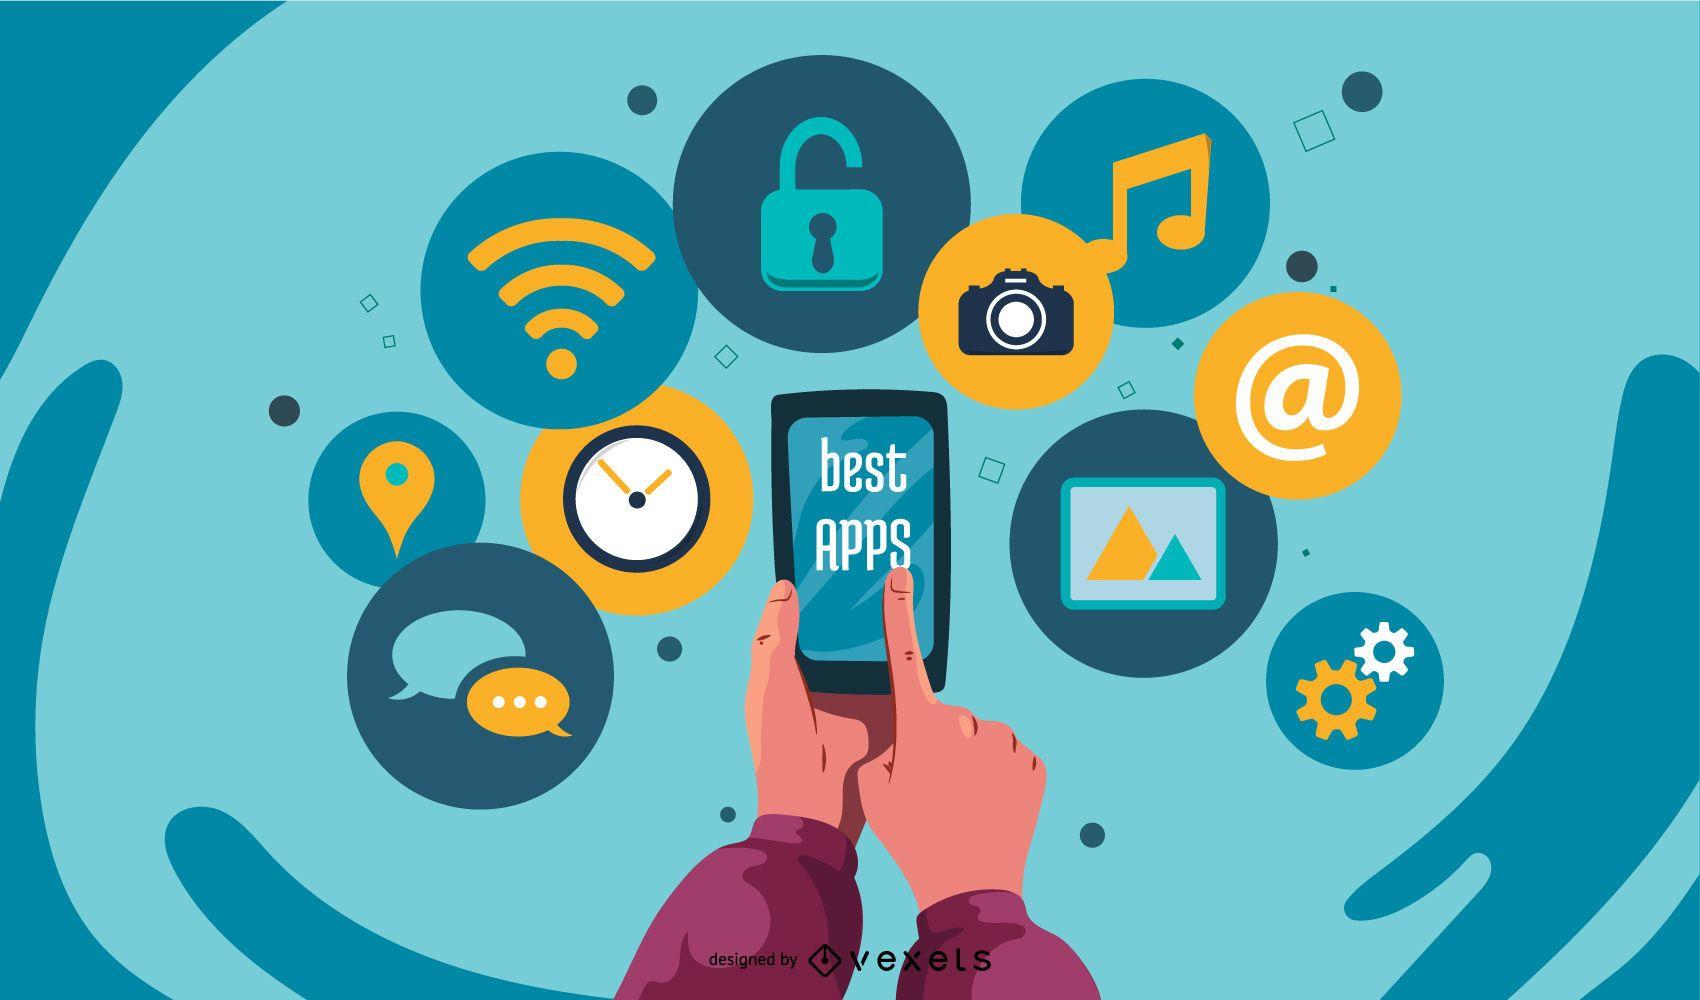 Promoção tecnológica colorida dos melhores aplicativos